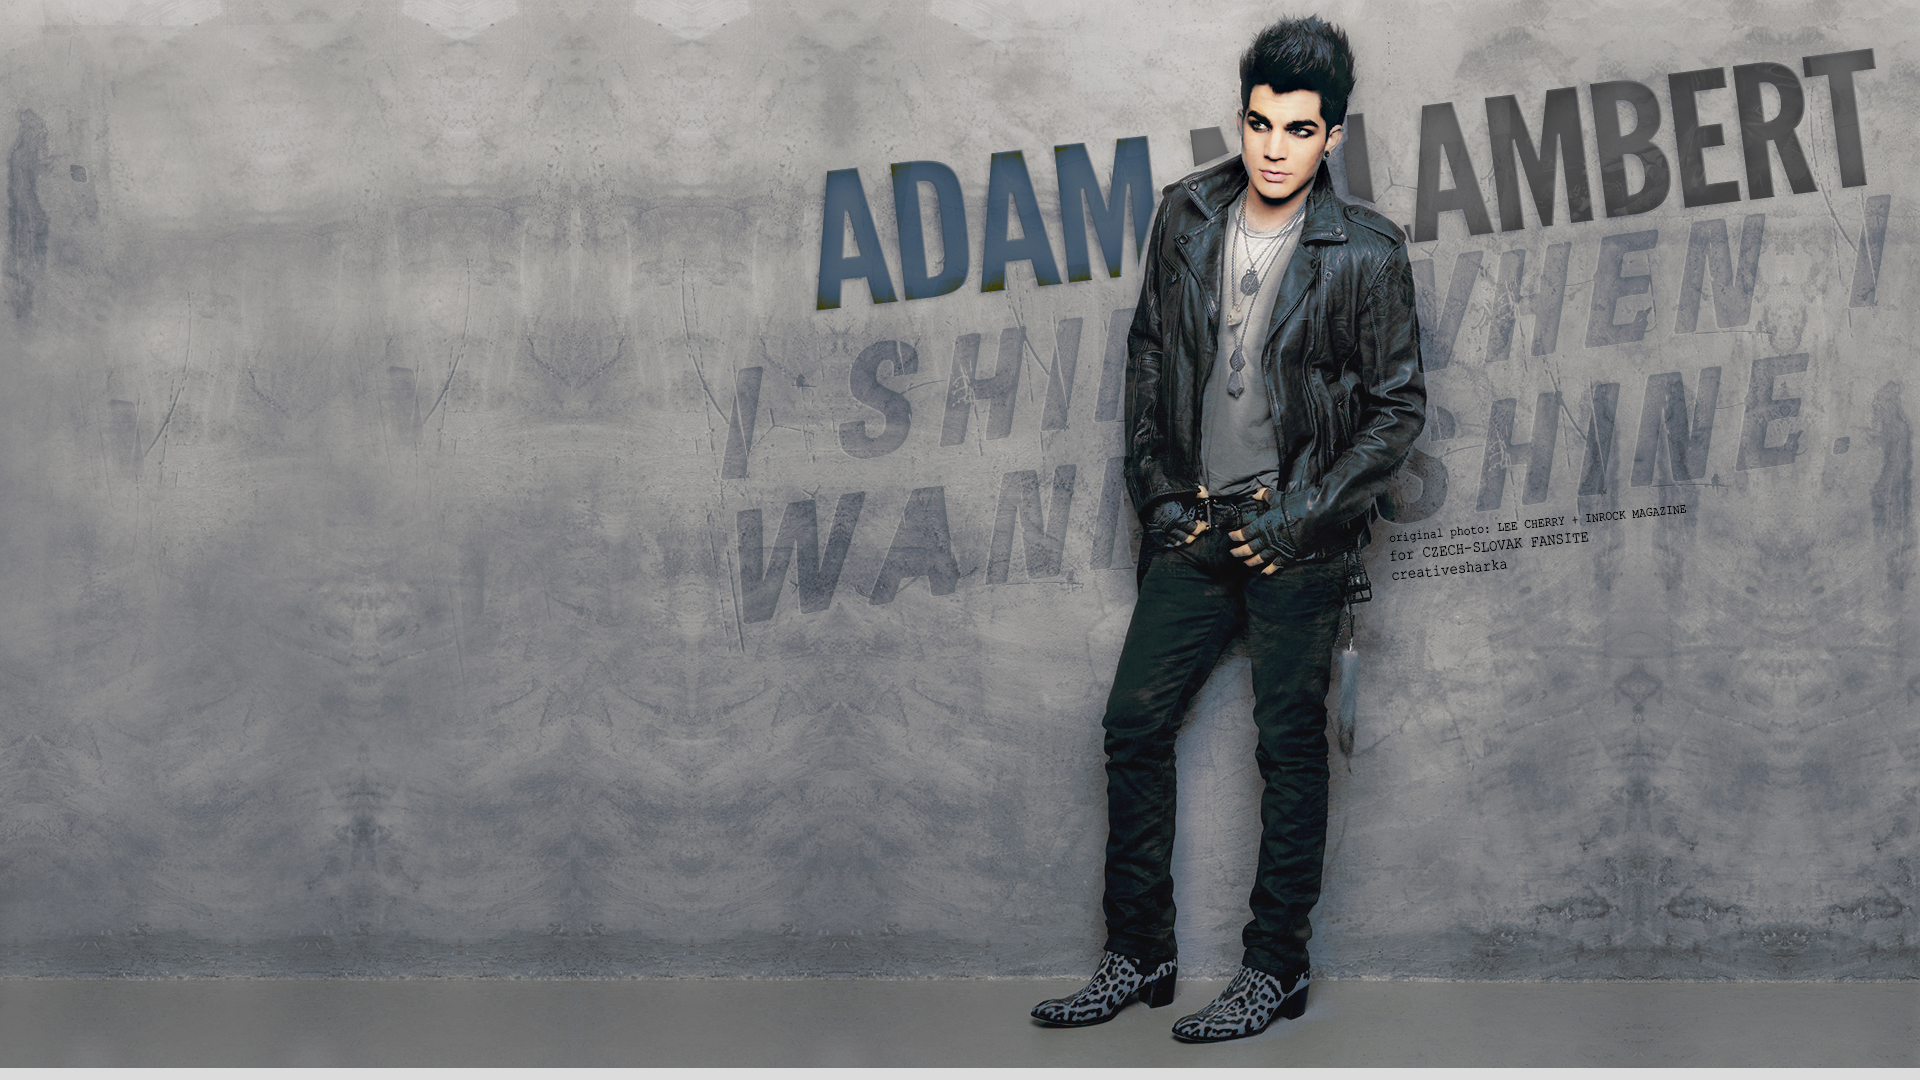 Adam Lambert   Adam Lambert Wallpaper 36716146 1920x1080